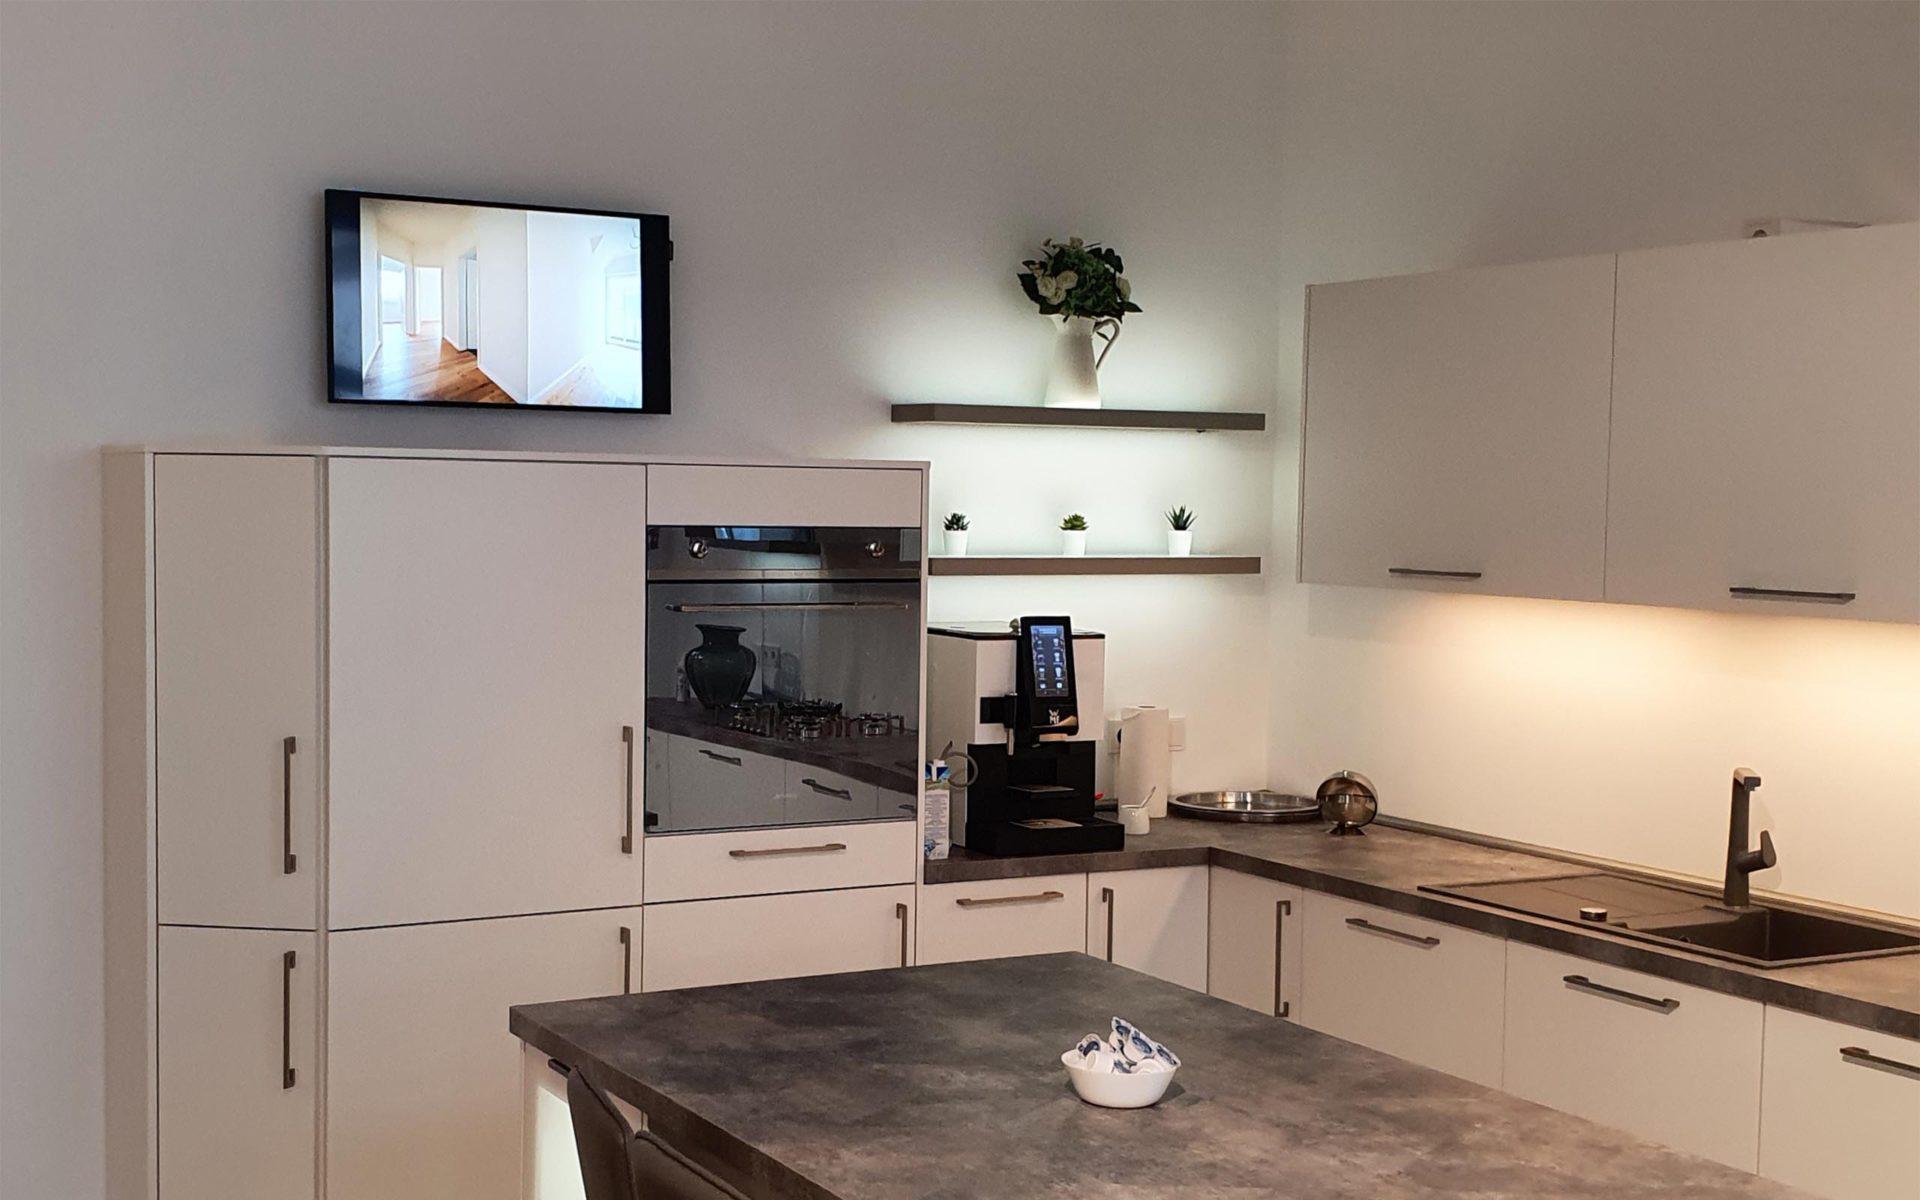 Digital Signage in einer Küchenausstellung